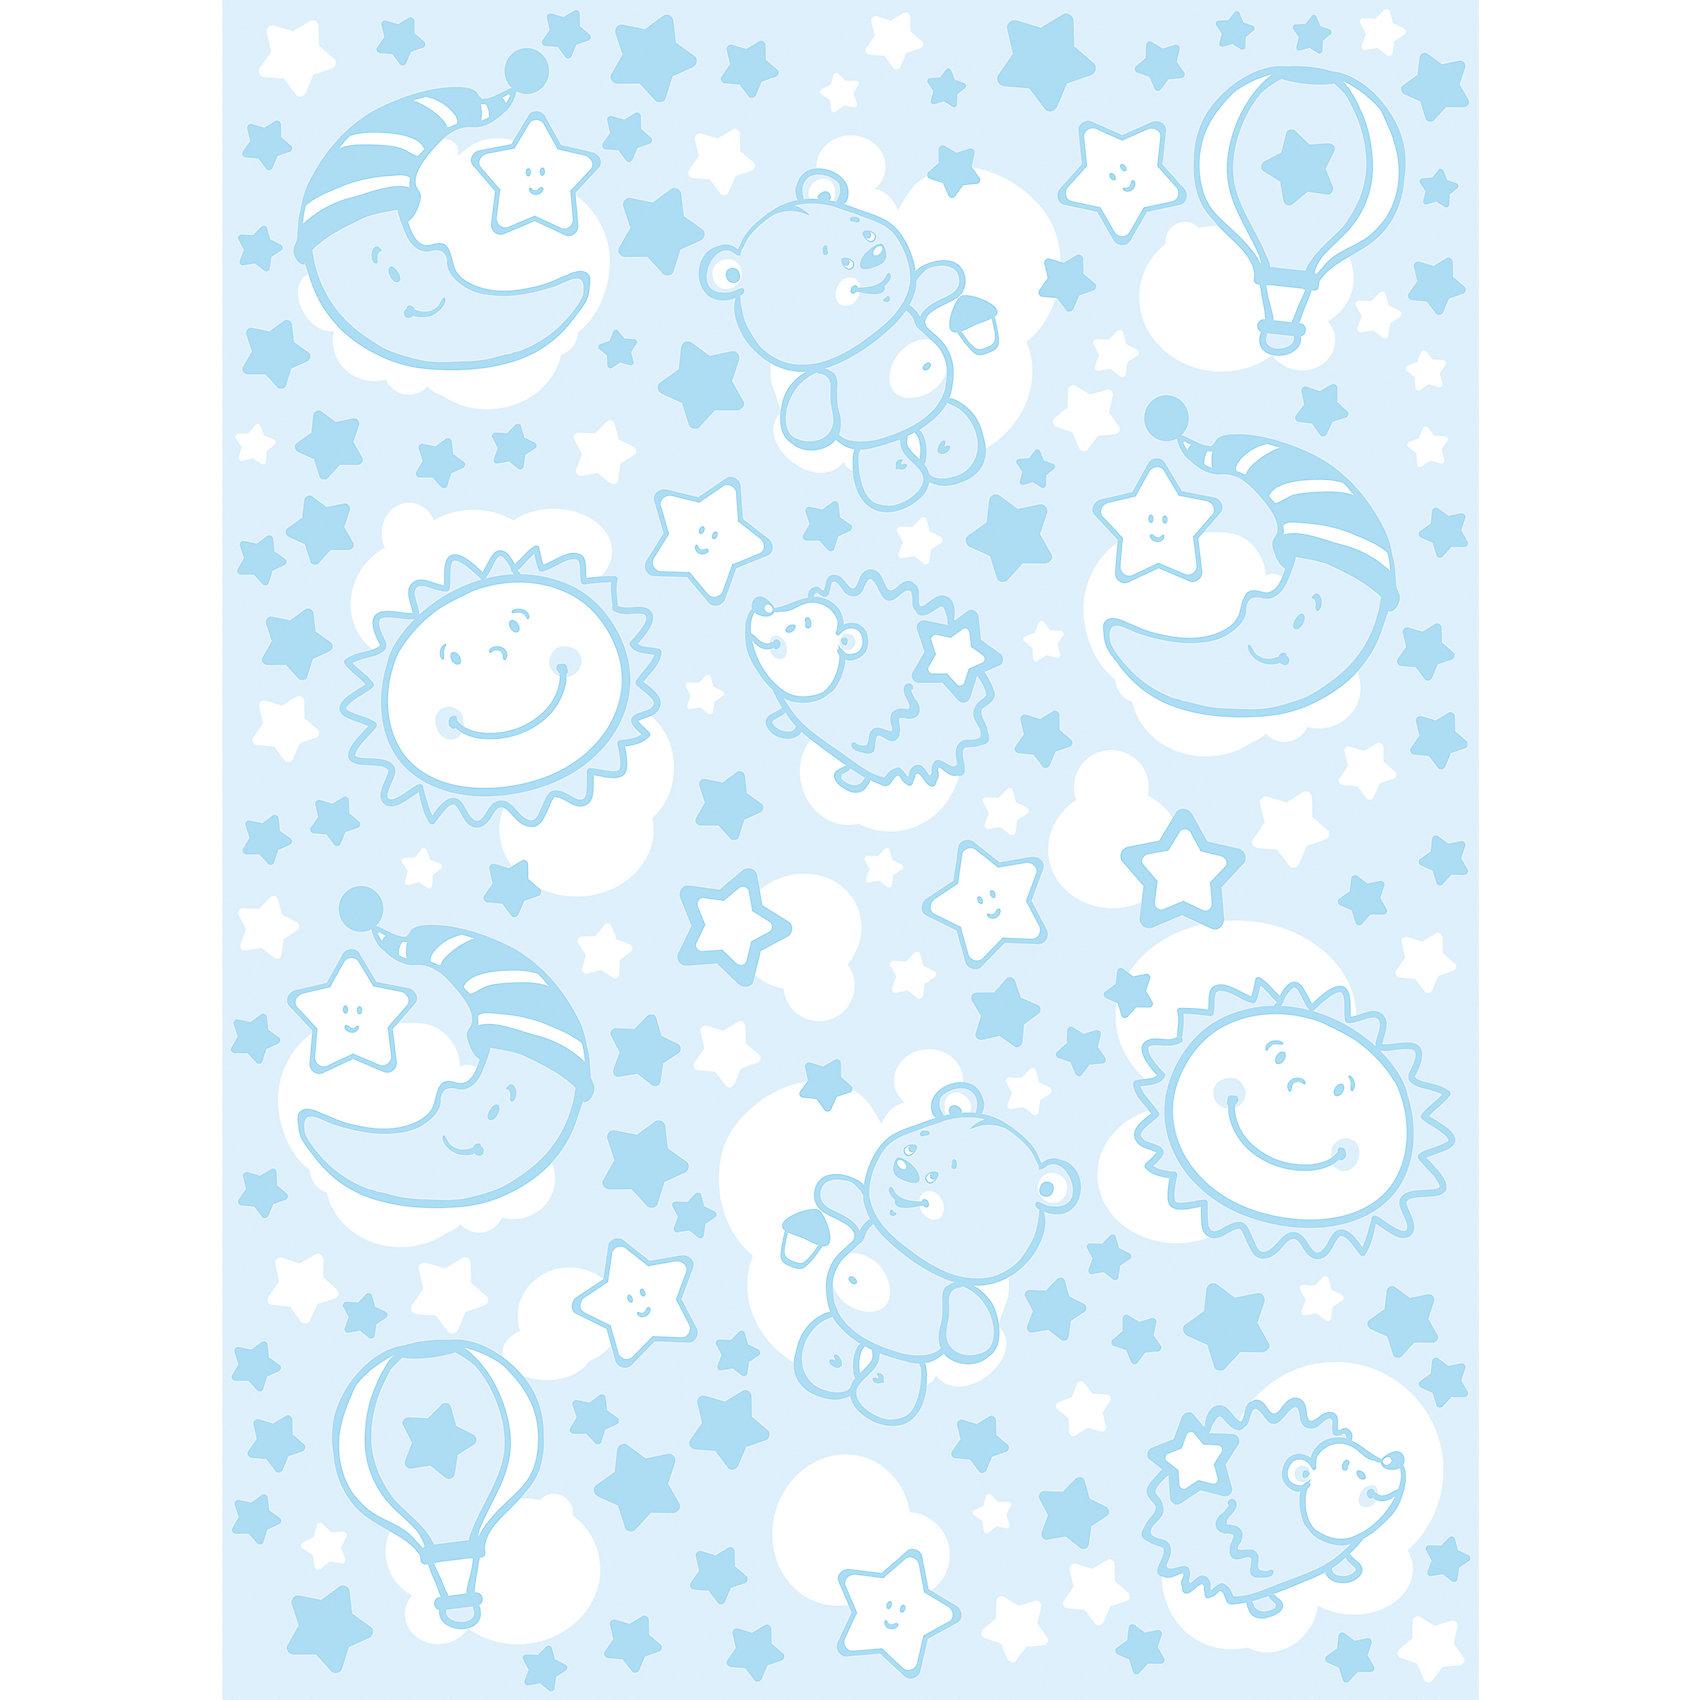 Одеяло байковое Звёздная ночь, 85х115, Baby Nice, голубойМягкое байковое одеяло Звездная ночь подарит малышам крепкий, комфортный и здоровый сон. Одеяло выполнено из натурального хлопка, прекрасно пропускает воздух, сохраняя при этом тепло, что обеспечивает поддержание комфортного микроклимата как дома, так и на прогулке. Абсолютно гипоаллергенное, идеально подходит для новорожденных детей. <br><br>Дополнительная информация:<br><br>- Материал: хлопок 100%, жаккард.<br>- Размер: 115х85 см. <br>- Отделка: оверлок.<br>- Цвет: голубой.<br>- Декоративные элементы: принт.<br>- Одностороннее.  <br>- Стирка: машинная при 40 ?. <br><br>Одеяло байковое Звёздная ночь, 85х115, Baby Nice (Беби Найс), голубое, можно купить в нашем магазине.<br><br>Ширина мм: 40<br>Глубина мм: 5<br>Высота мм: 30<br>Вес г: 500<br>Возраст от месяцев: 0<br>Возраст до месяцев: 60<br>Пол: Мужской<br>Возраст: Детский<br>SKU: 4058252